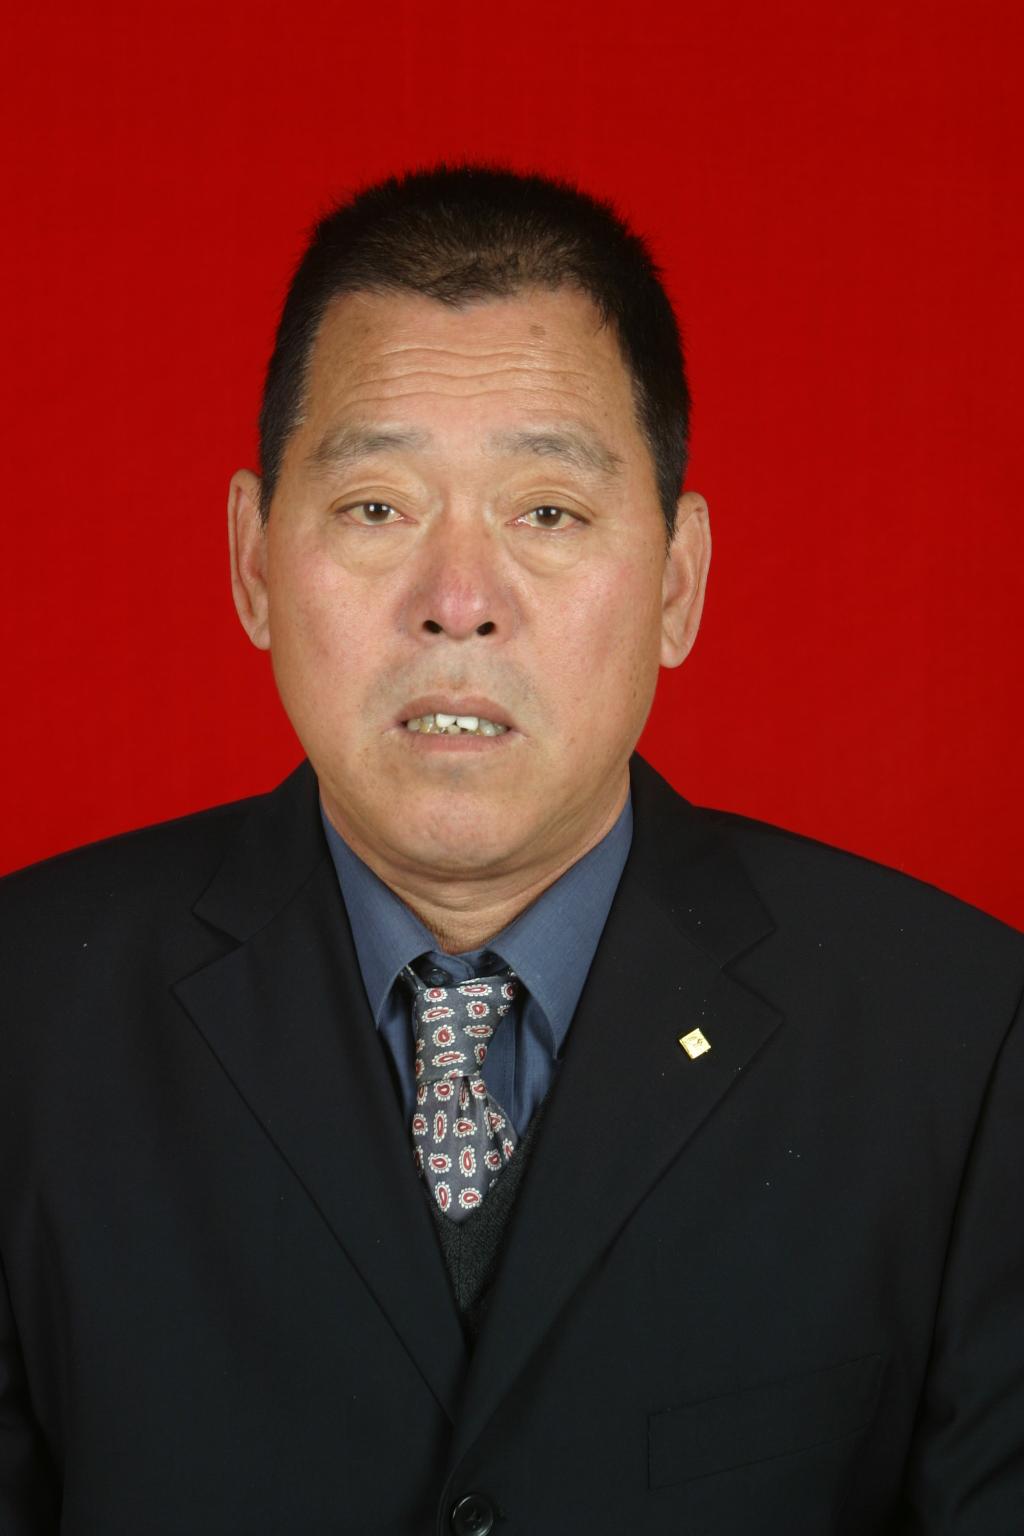 逯乐明 - 副本.JPG